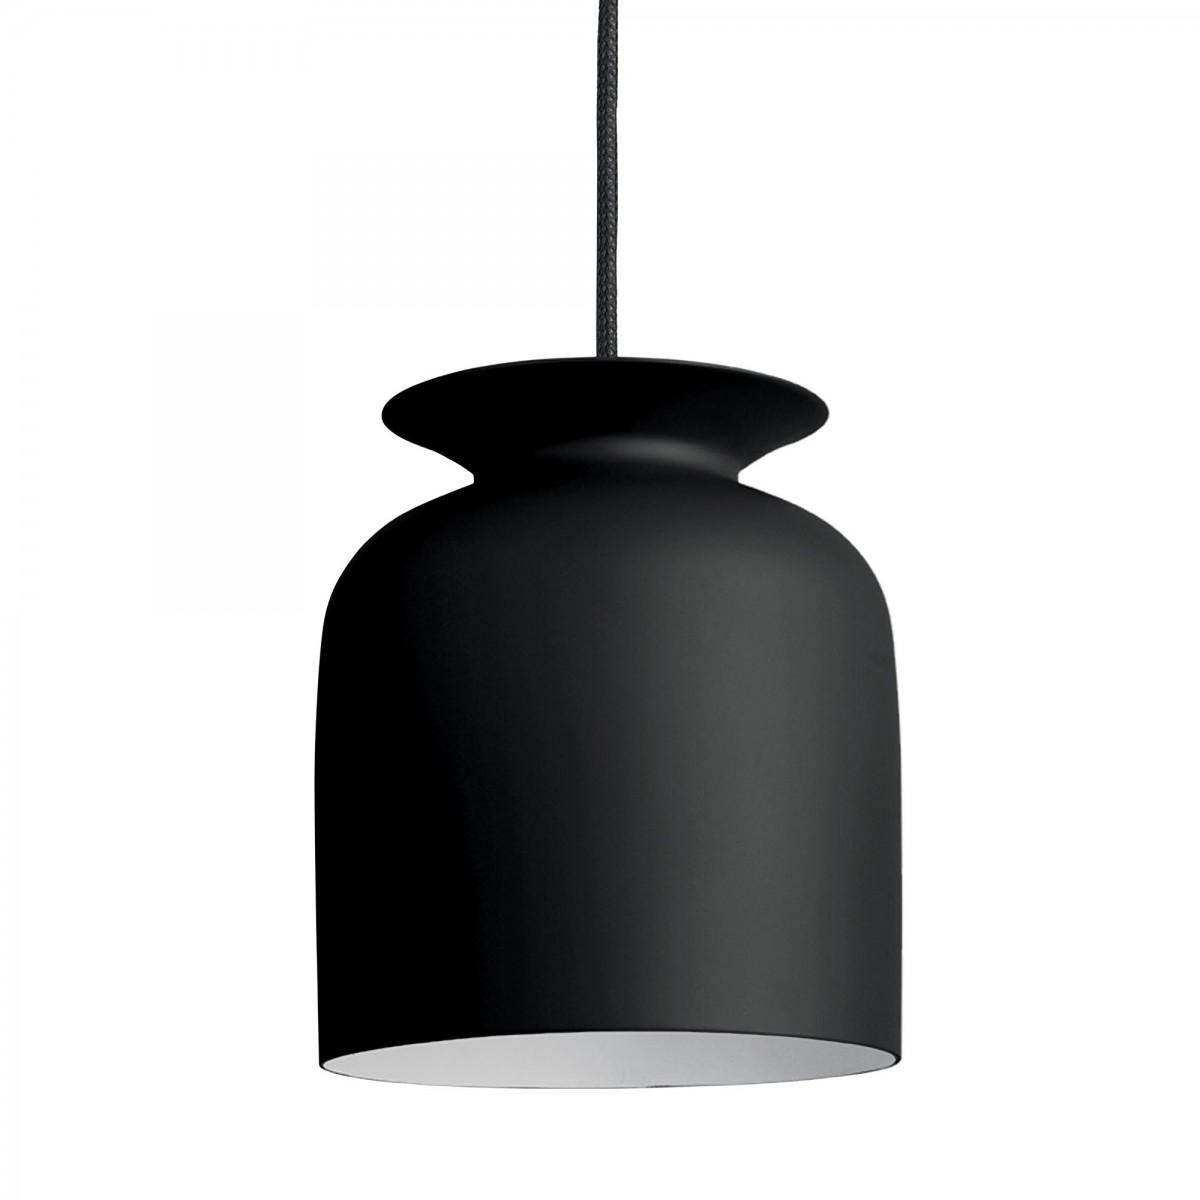 suspension ronde s noir gubi. Black Bedroom Furniture Sets. Home Design Ideas